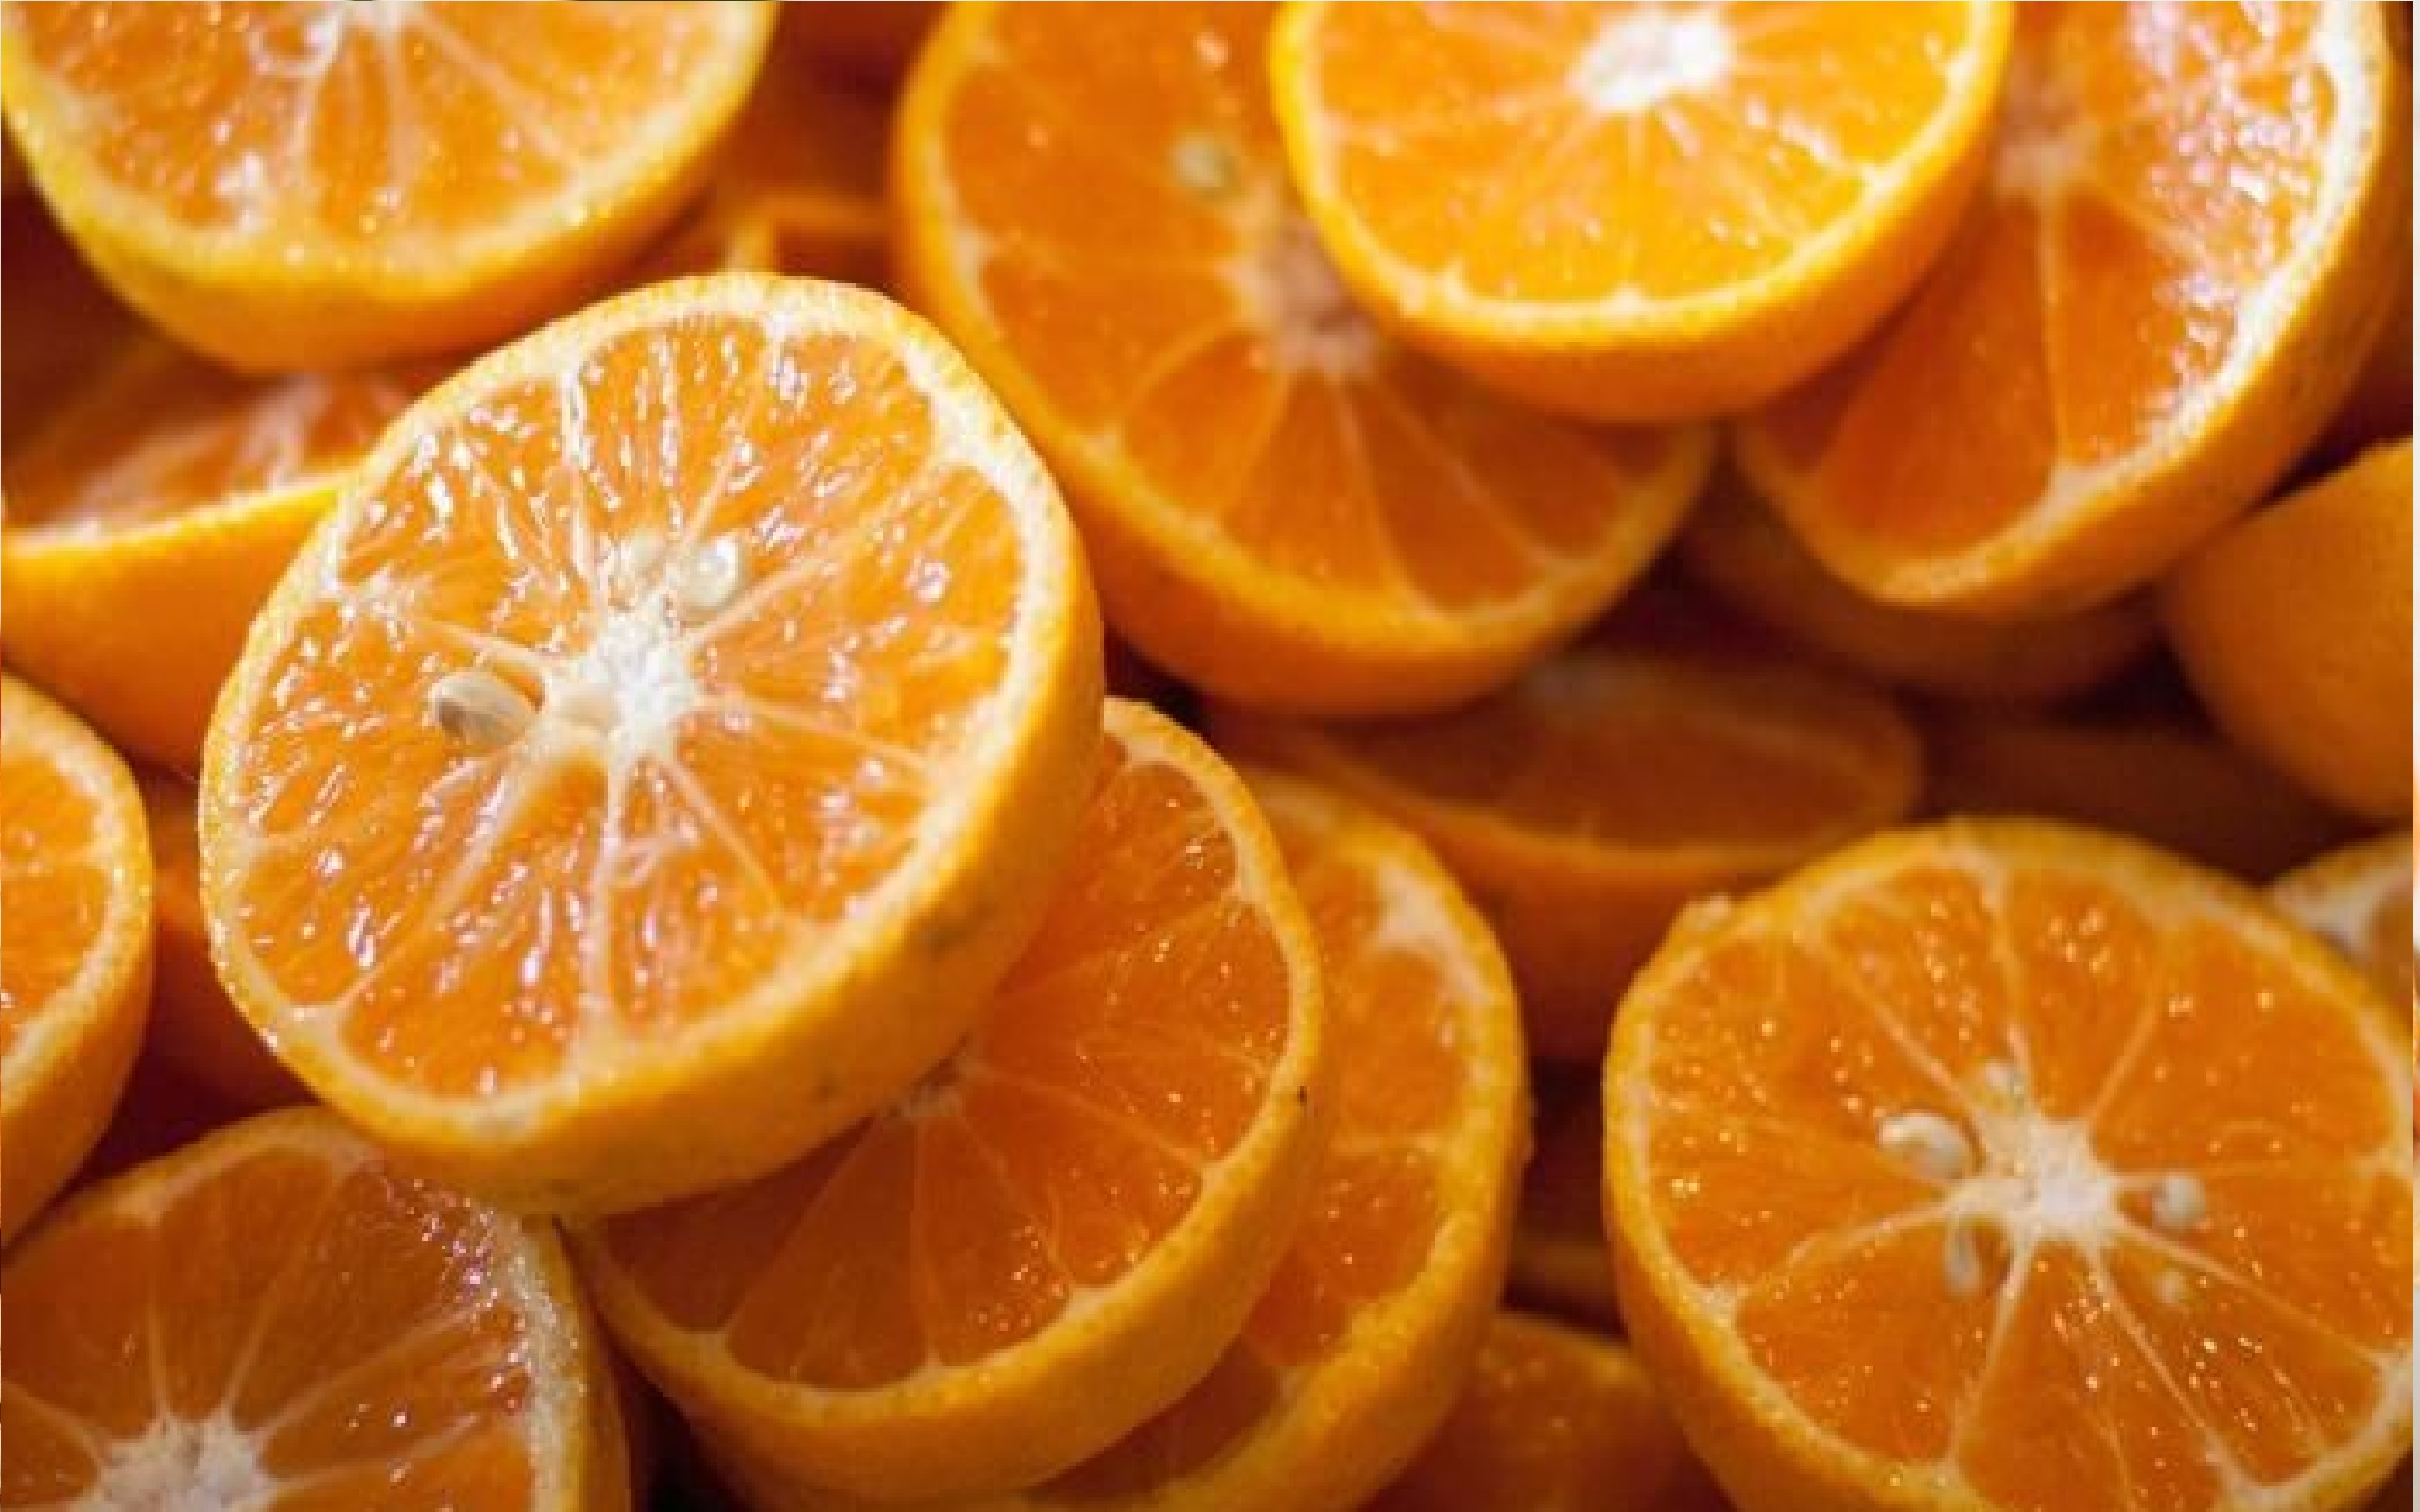 संत्र्यात मोठ्या प्रमाणावर फायबर असतं,त्यामुळे पचनक्रिया सुरळीत राहते.वजन आणि रक्तातल्या साखरेचं प्रमाण नियंत्रणात ठेवण्यासाठीसुध्दा या तंतूंचा (फायबरचा)चांगला उपयोग होतो.